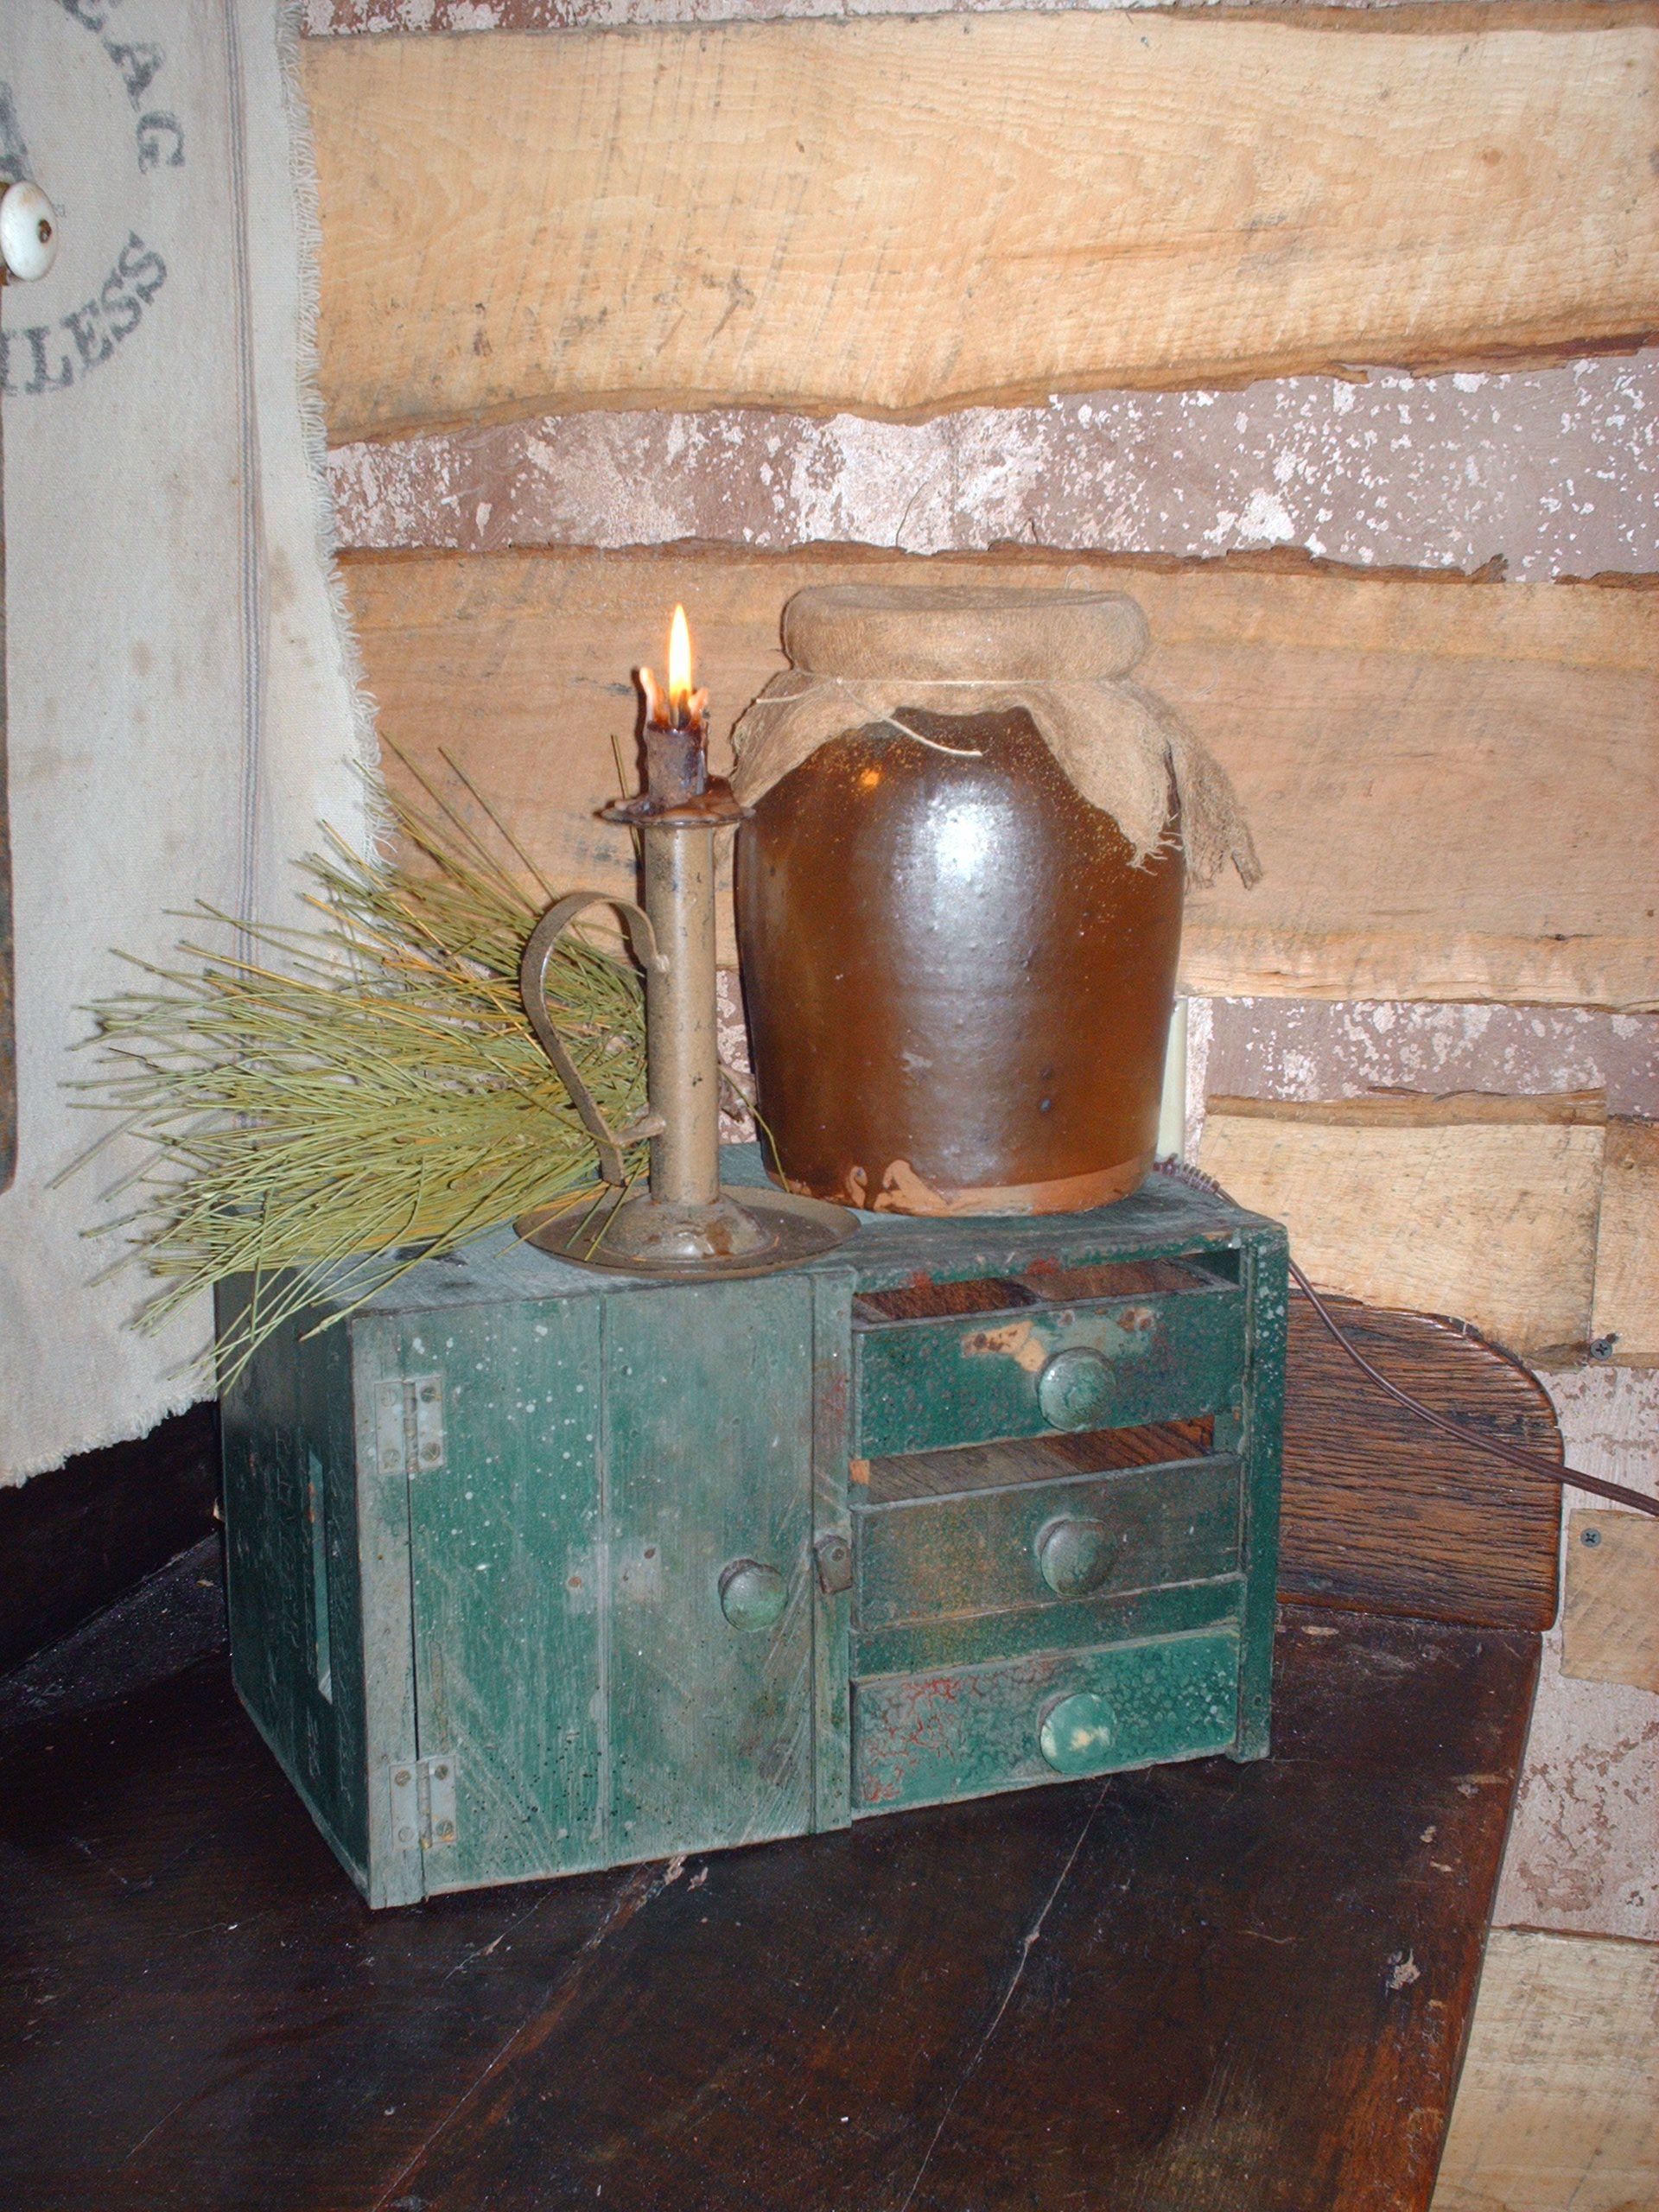 Log Cabin Prims...counter cupboard, old crock & candleholder.